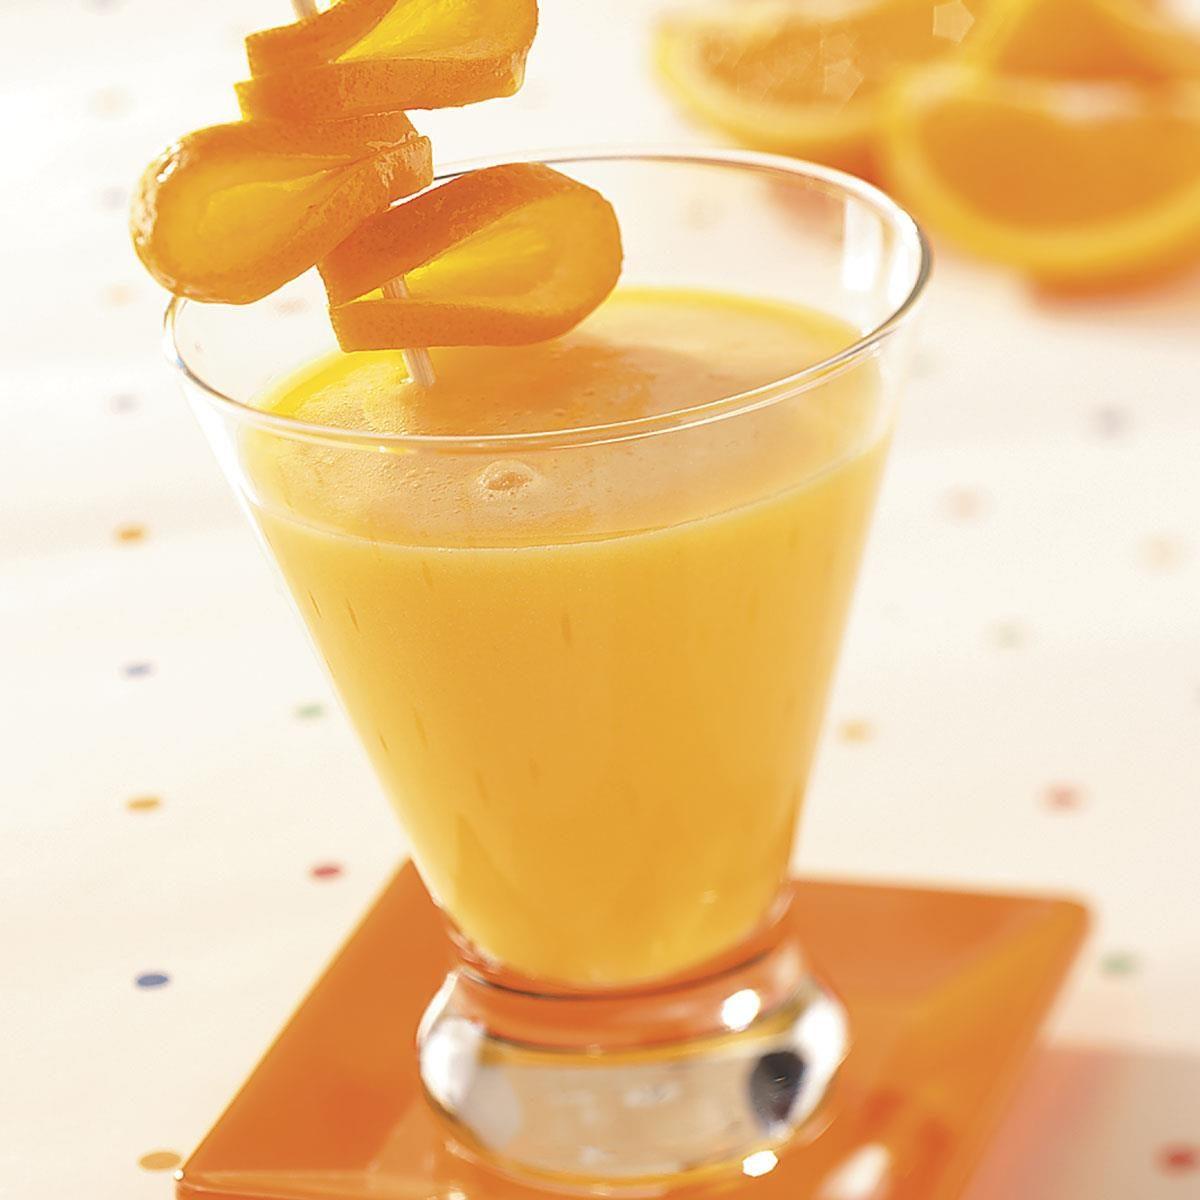 Creamy Orange Drink